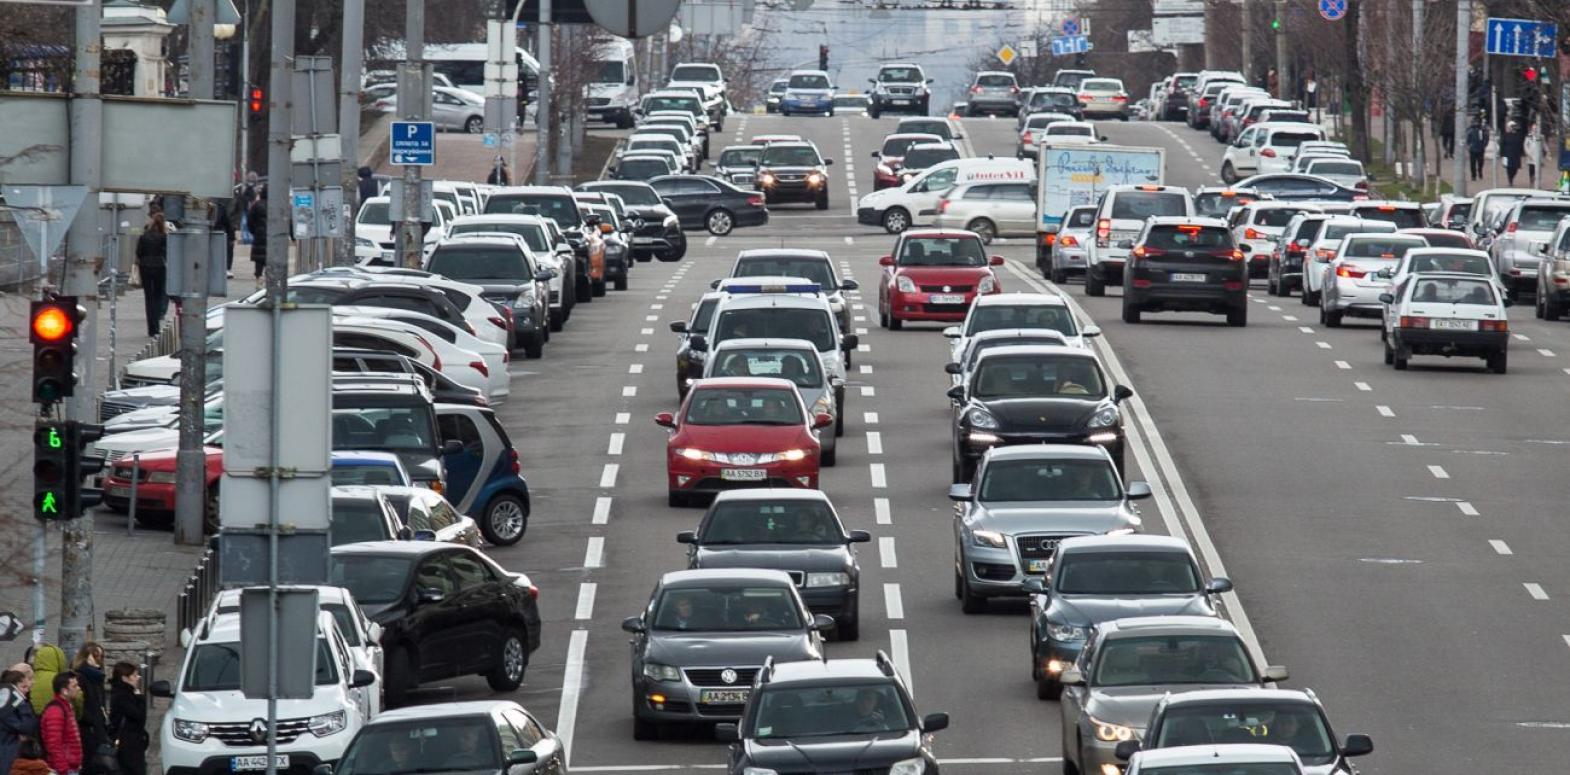 Бензин дешевеет после публикации новой предельной цены, автогаз подорожал